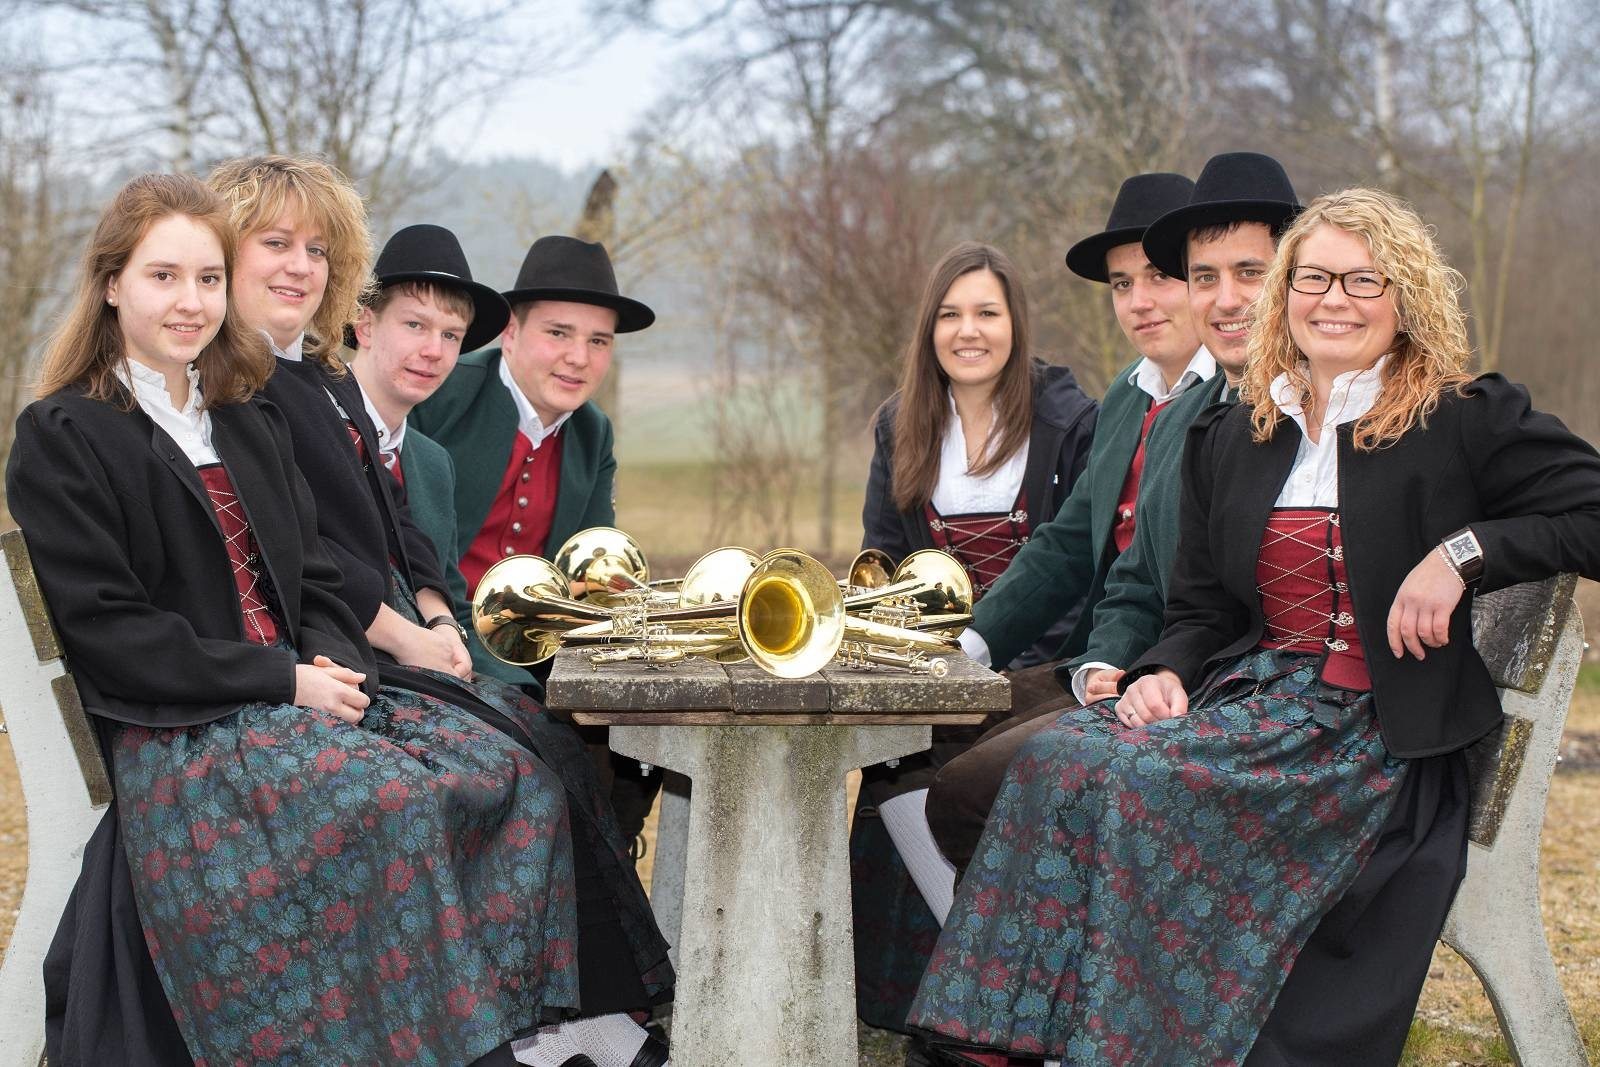 von links: Katja Maier, Petra Schuhwerk, Rainer Müller, Cedric Schreiber, Lena Muck, Patrick Wörz, Daniel Schedel, Kathrin Betz